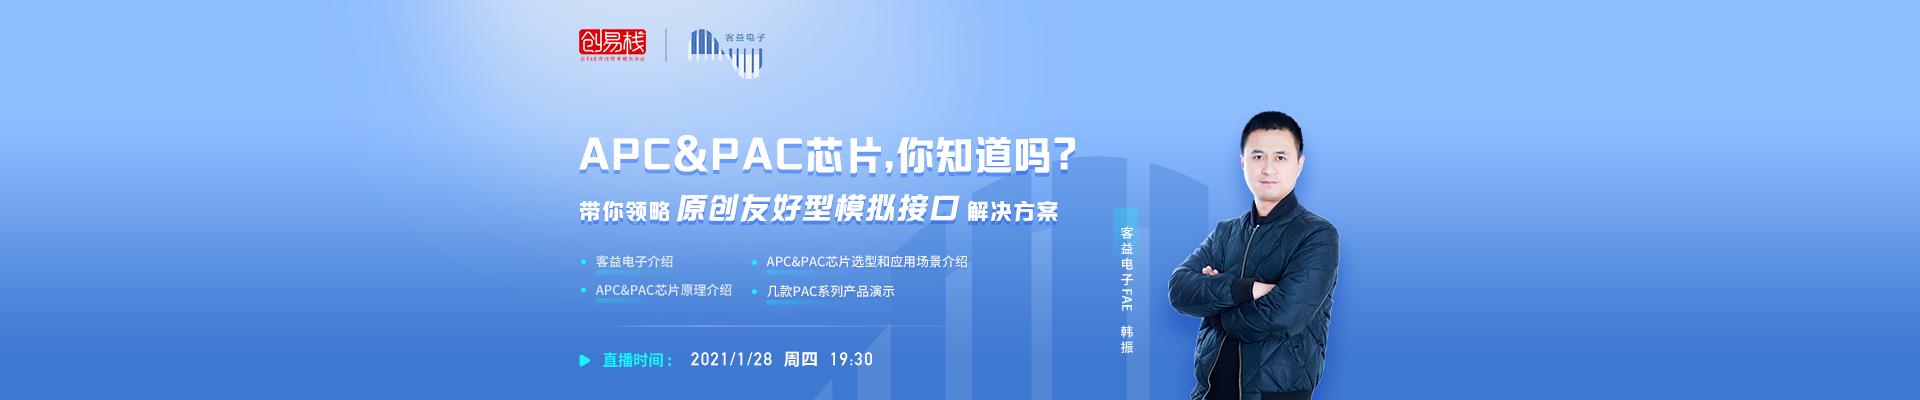 客益电子—APC&PAC芯片,你知道吗?  带你领略原创友好型模拟接口解决方案